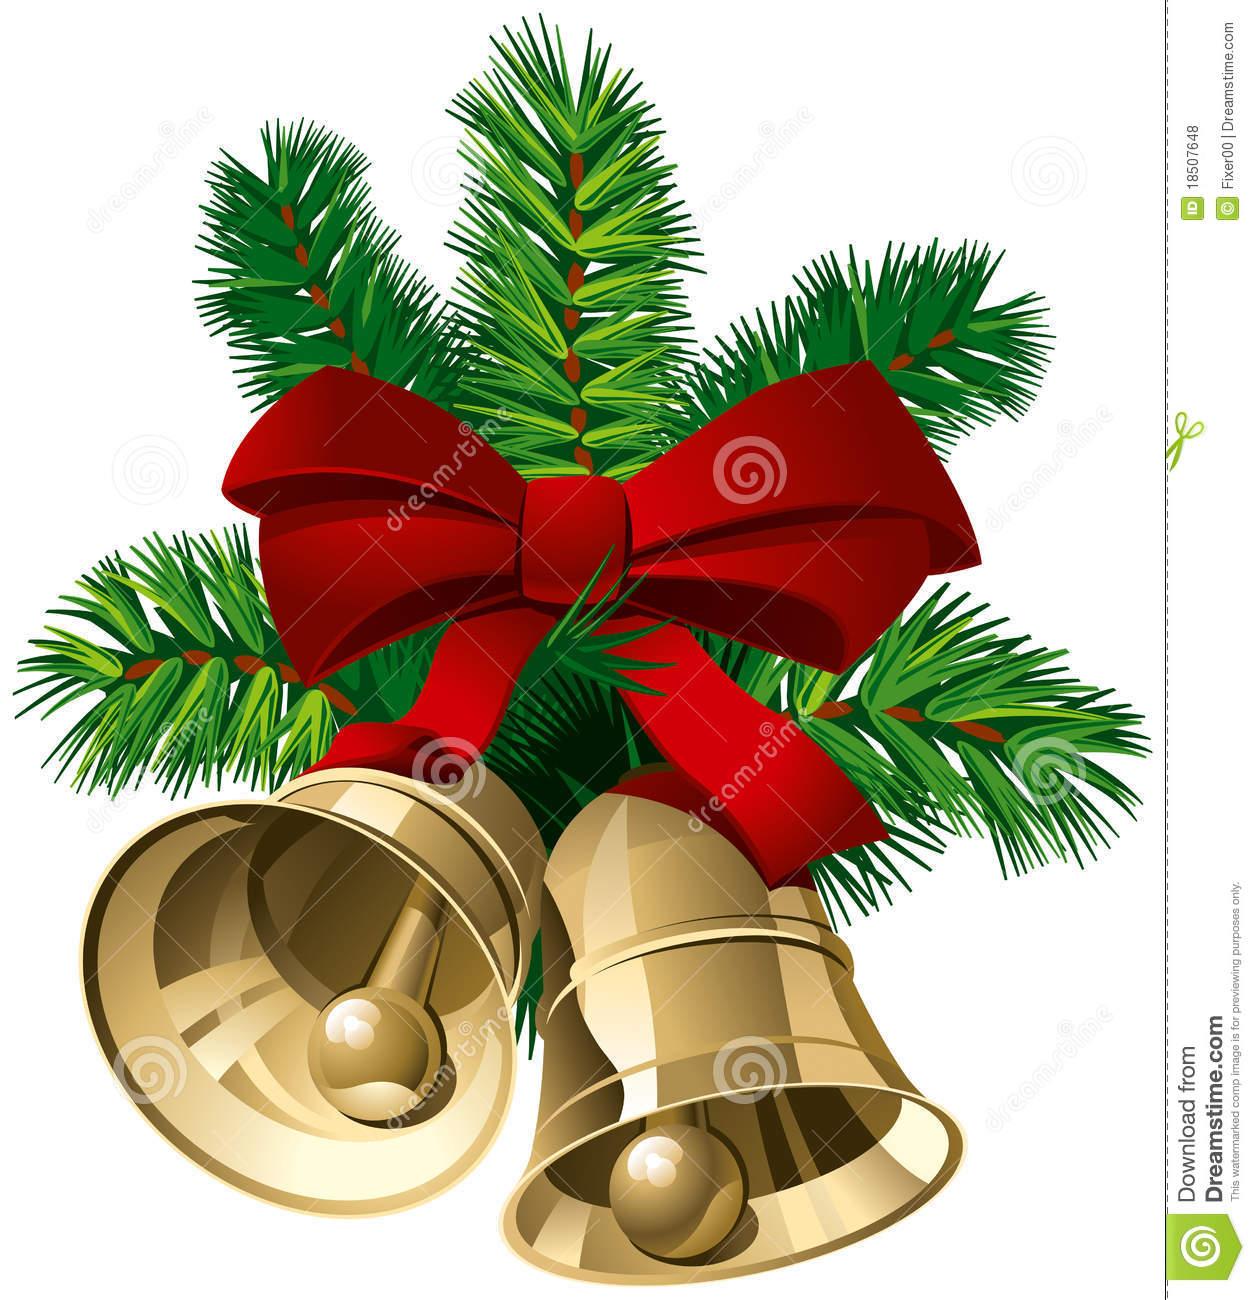 Clipart weihnachten girlande kostenlos 1 » Clipart Station.